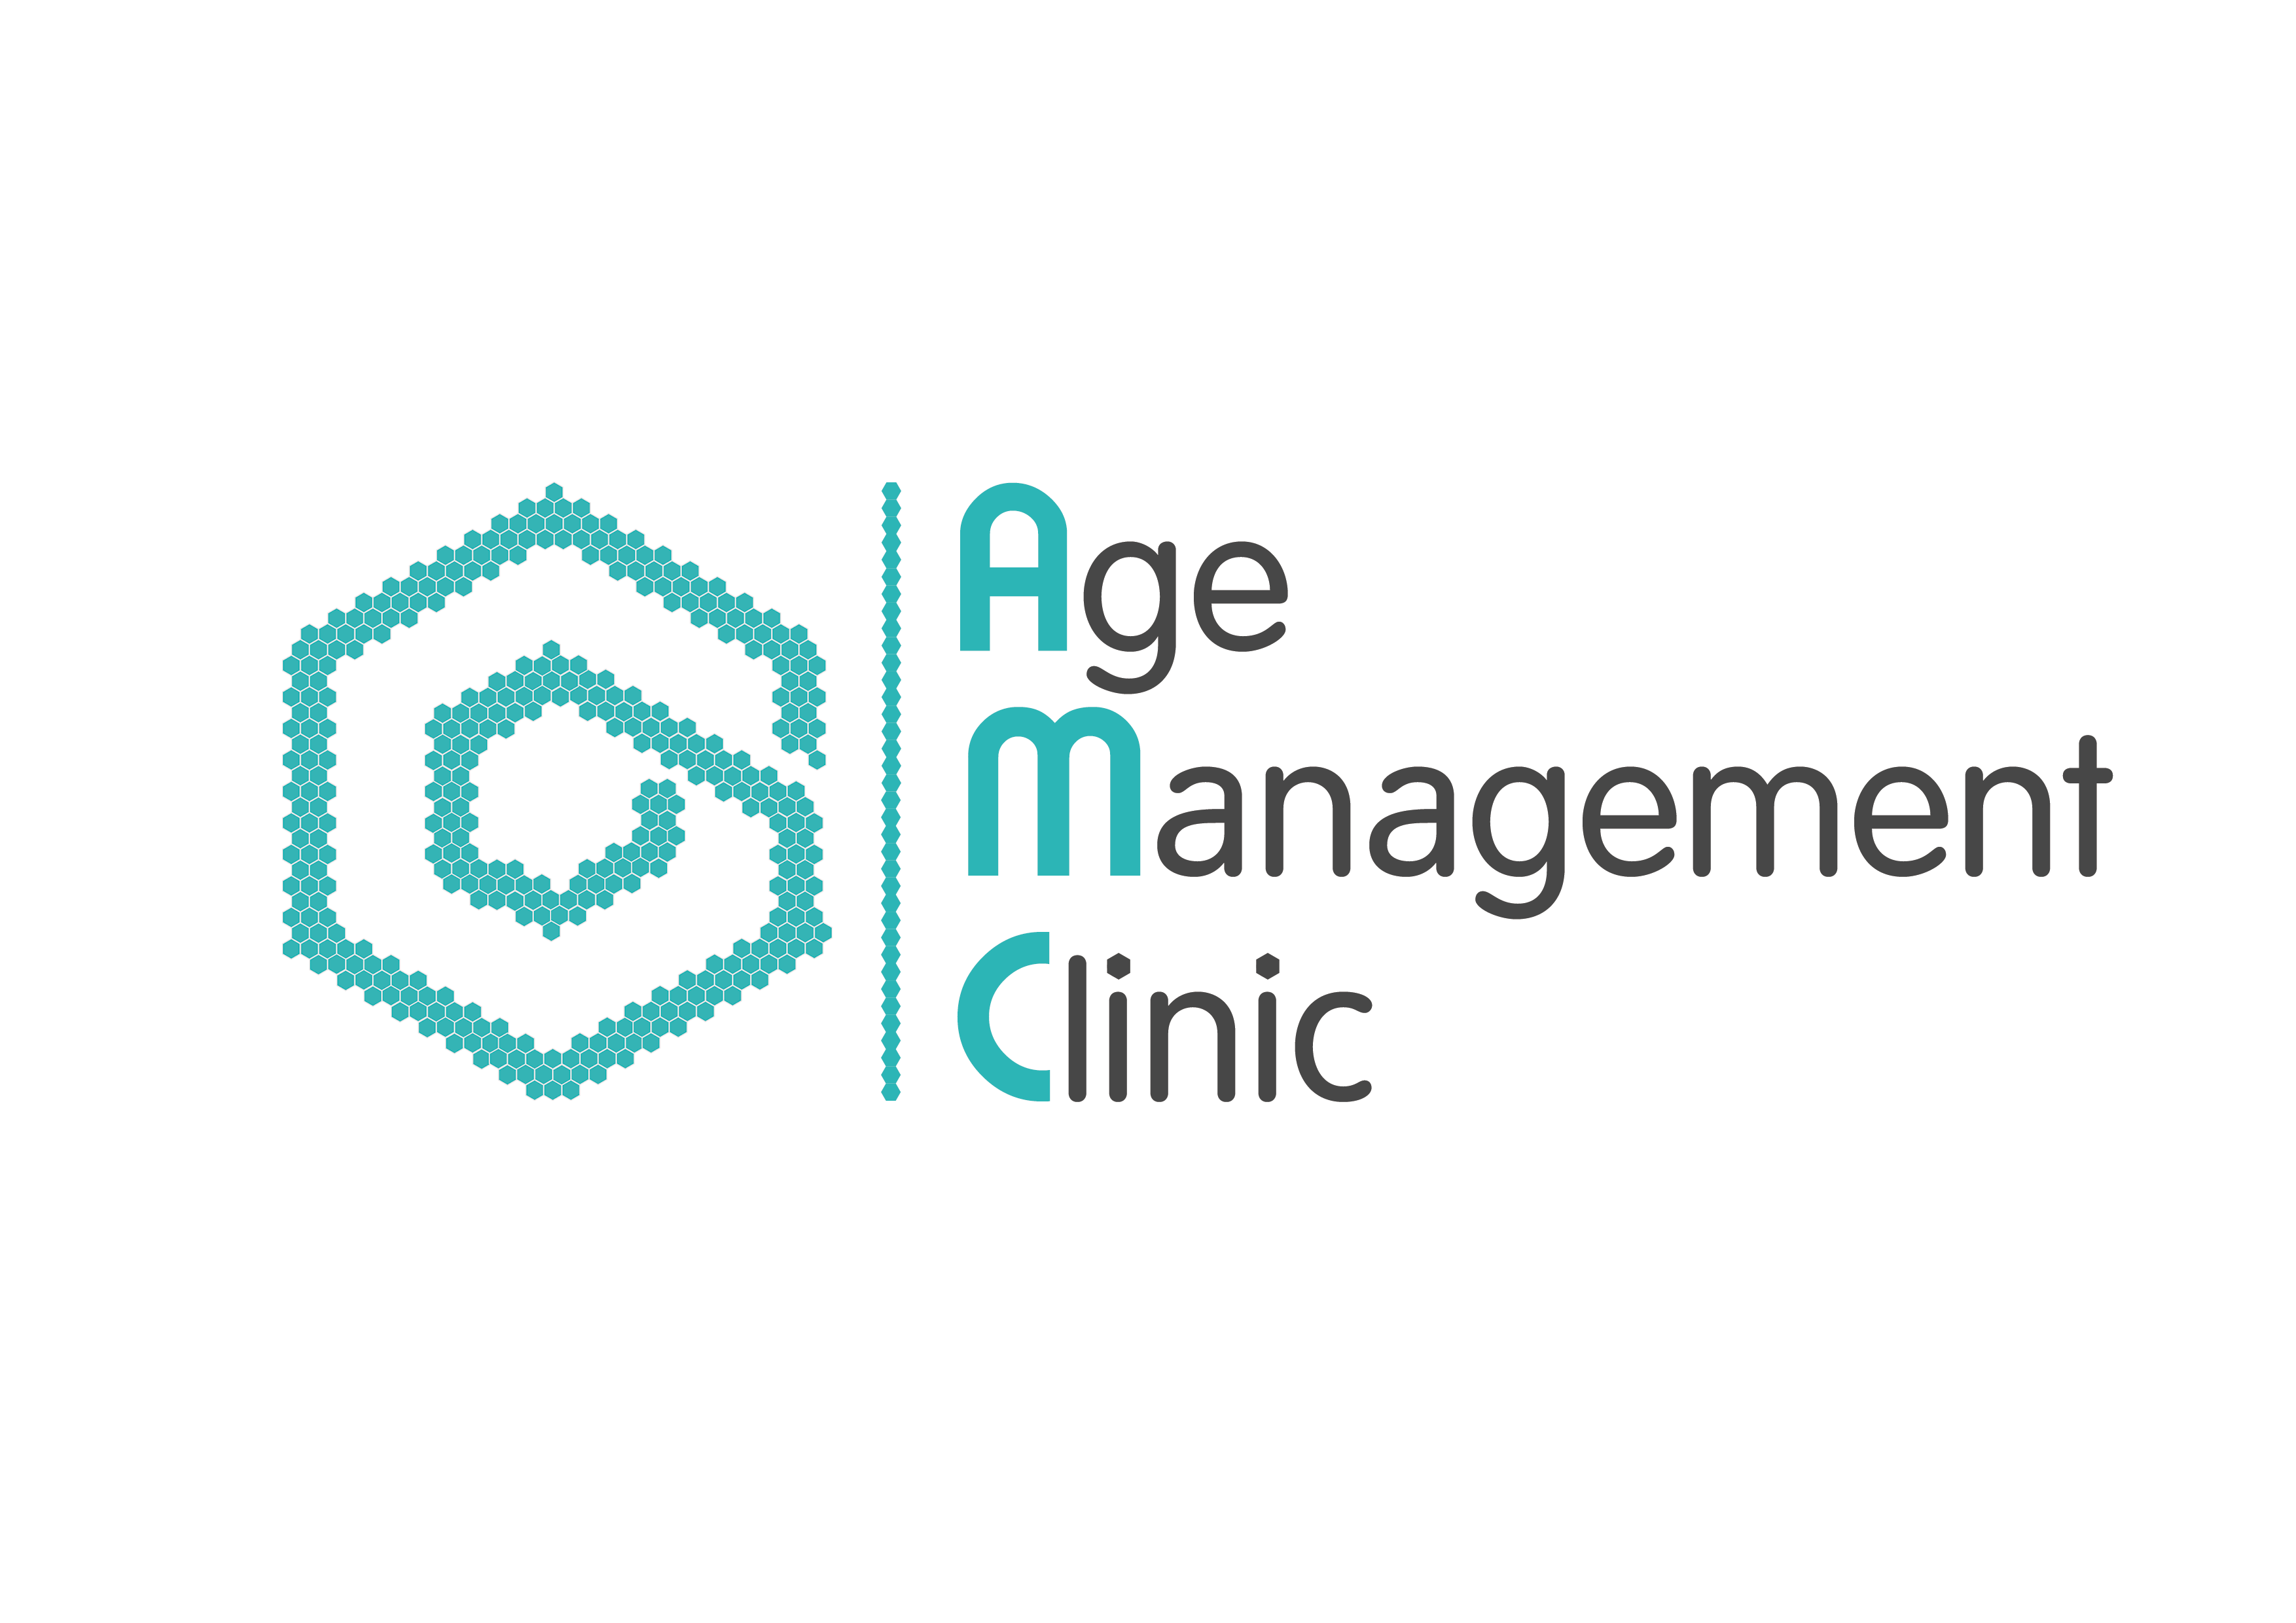 Логотип для медицинского центра (клиники)  фото f_3735b9b9fbf53254.png